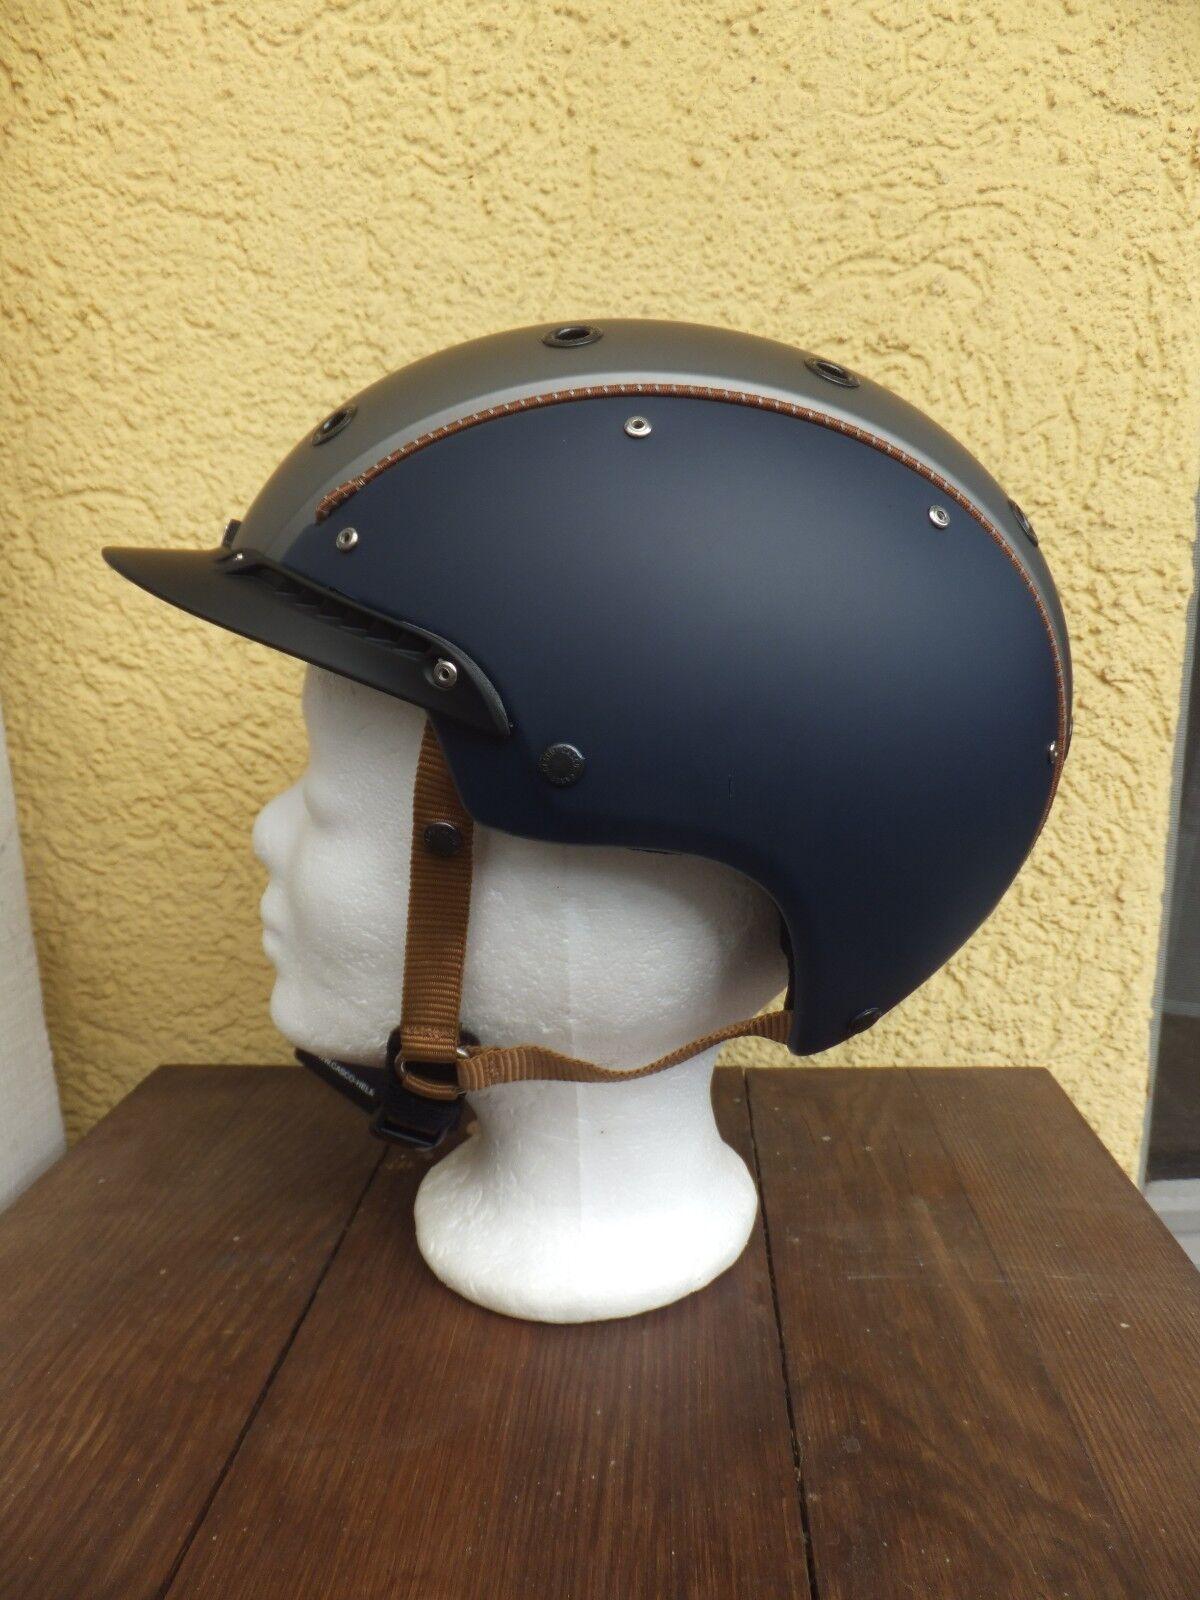 neuer  CASCO CHAMP 3 blau silber Reithelm neues Modell mit my style